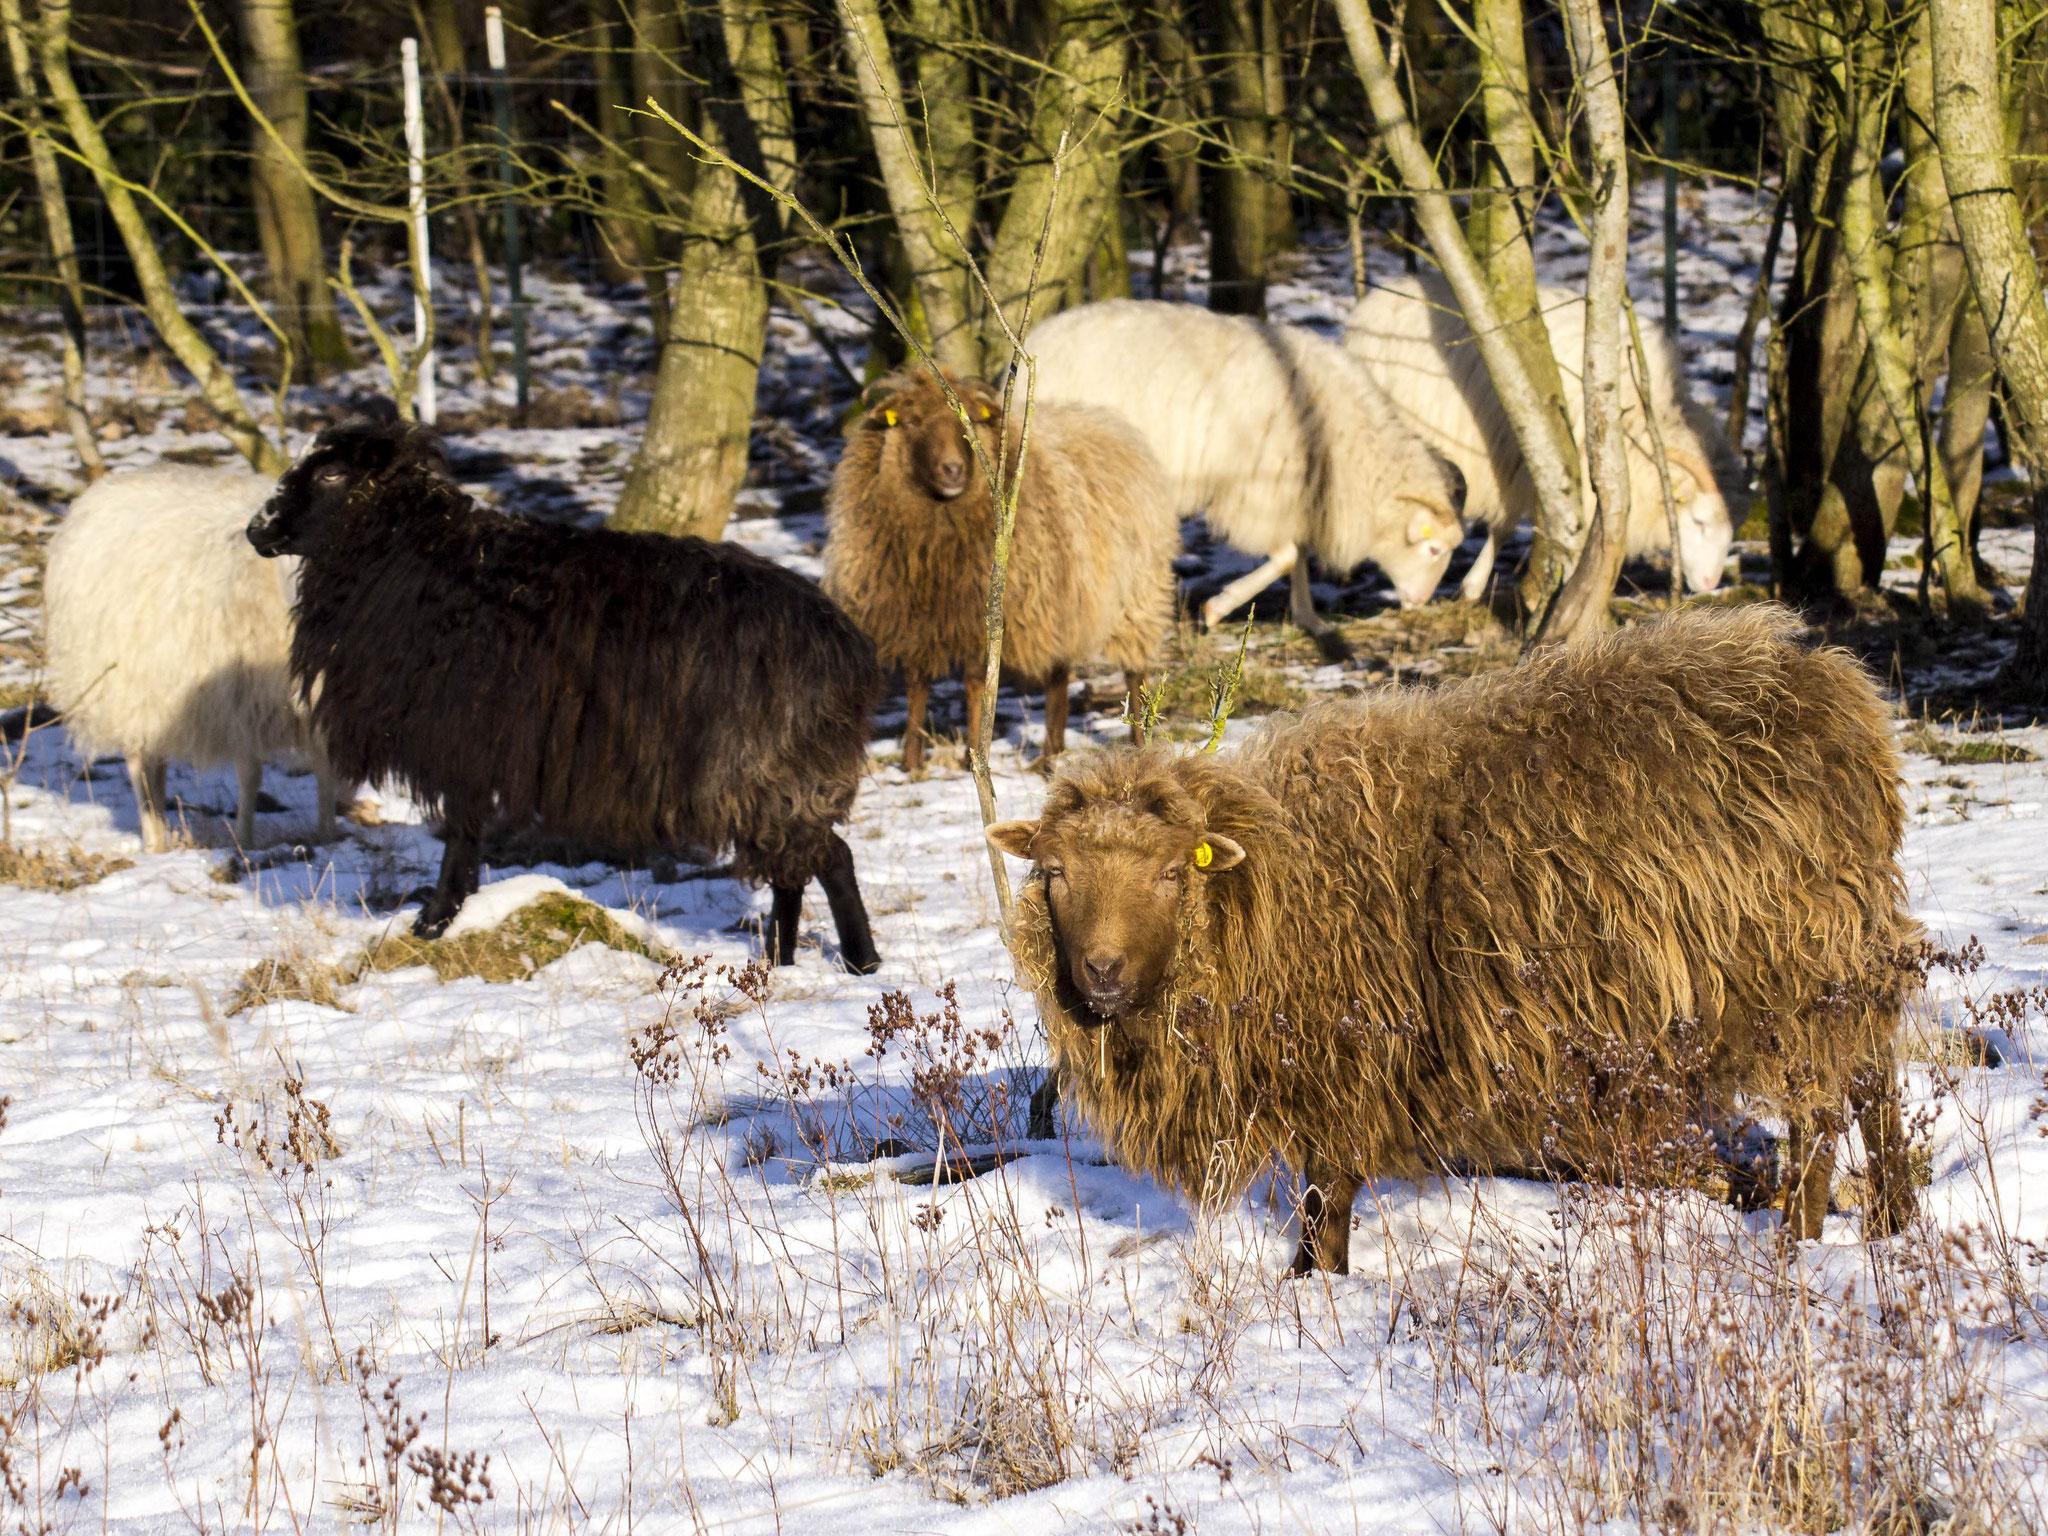 Als Schaf fühlt man sich auch im Winter draußen wohl... - Fotos: Kathy Büscher